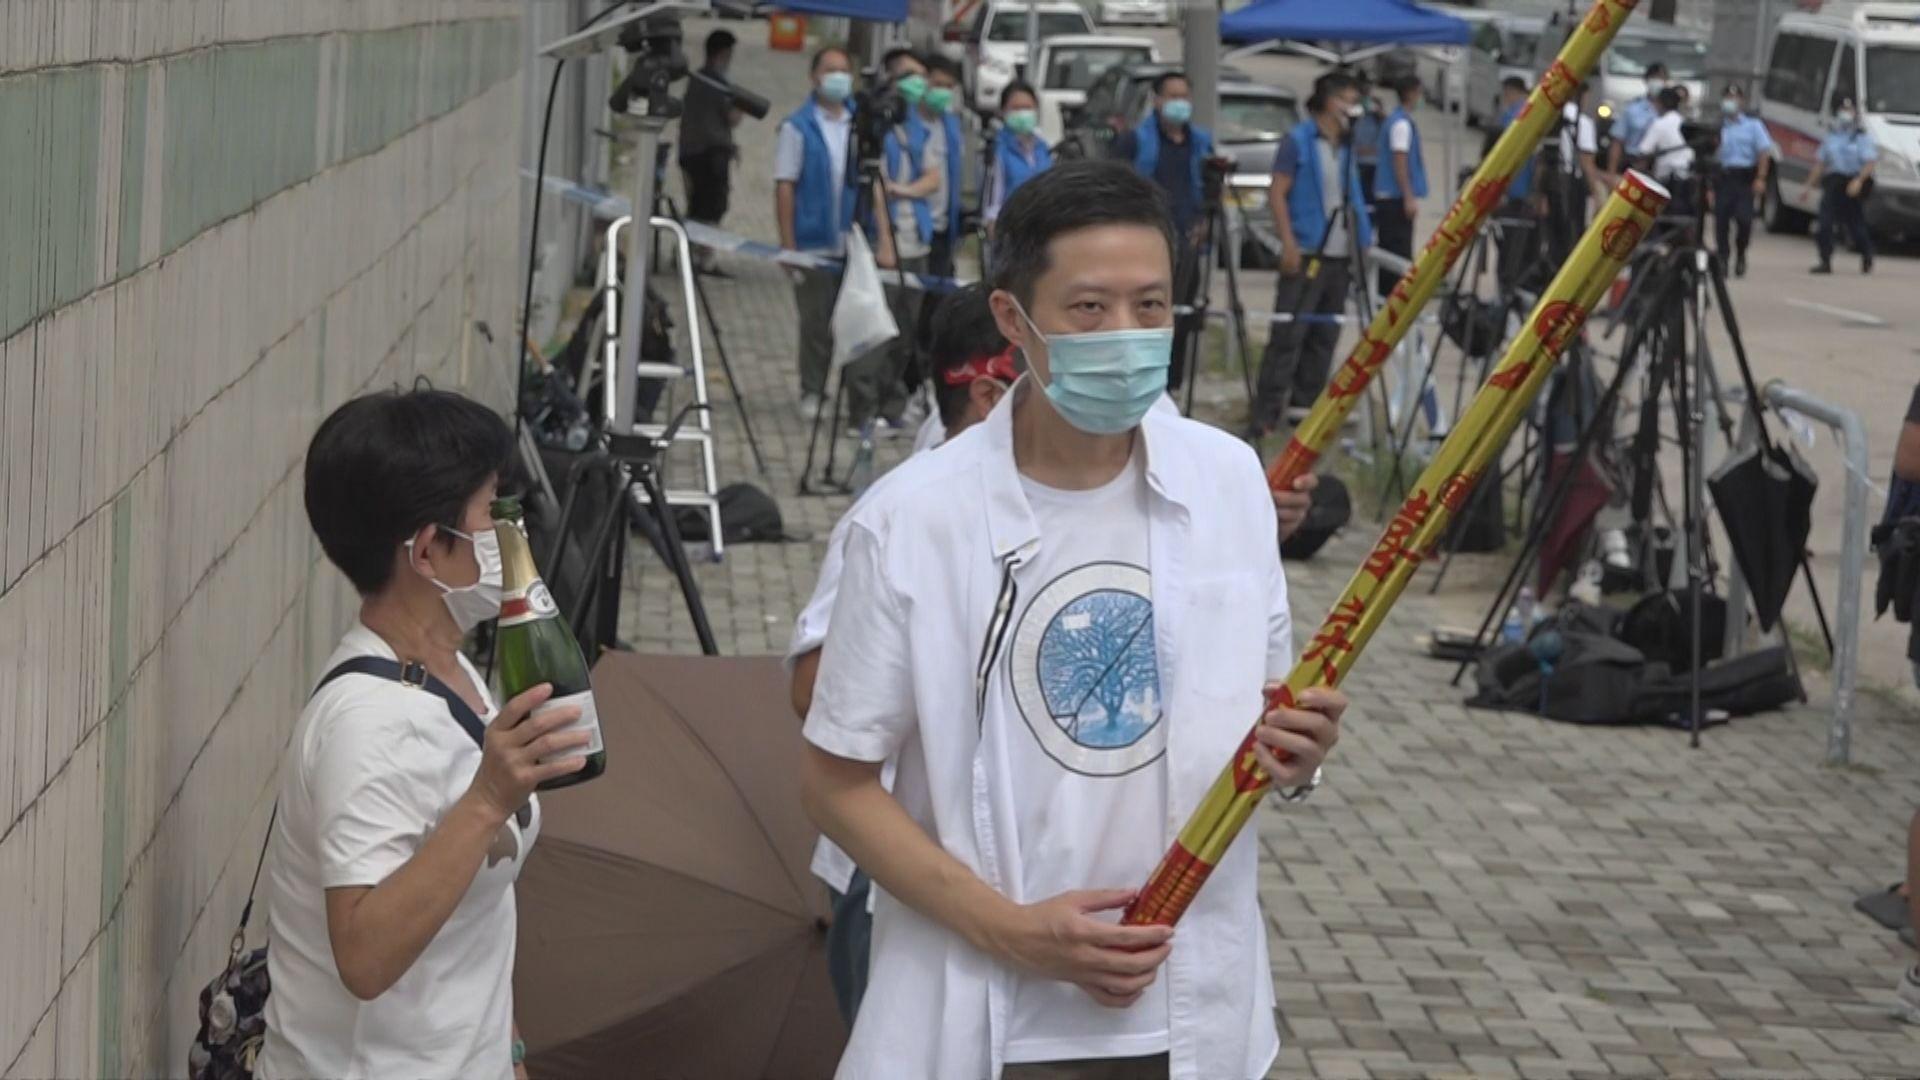 有市民到壹傳媒外聚集指是慶祝 涉違限聚令被警方票控